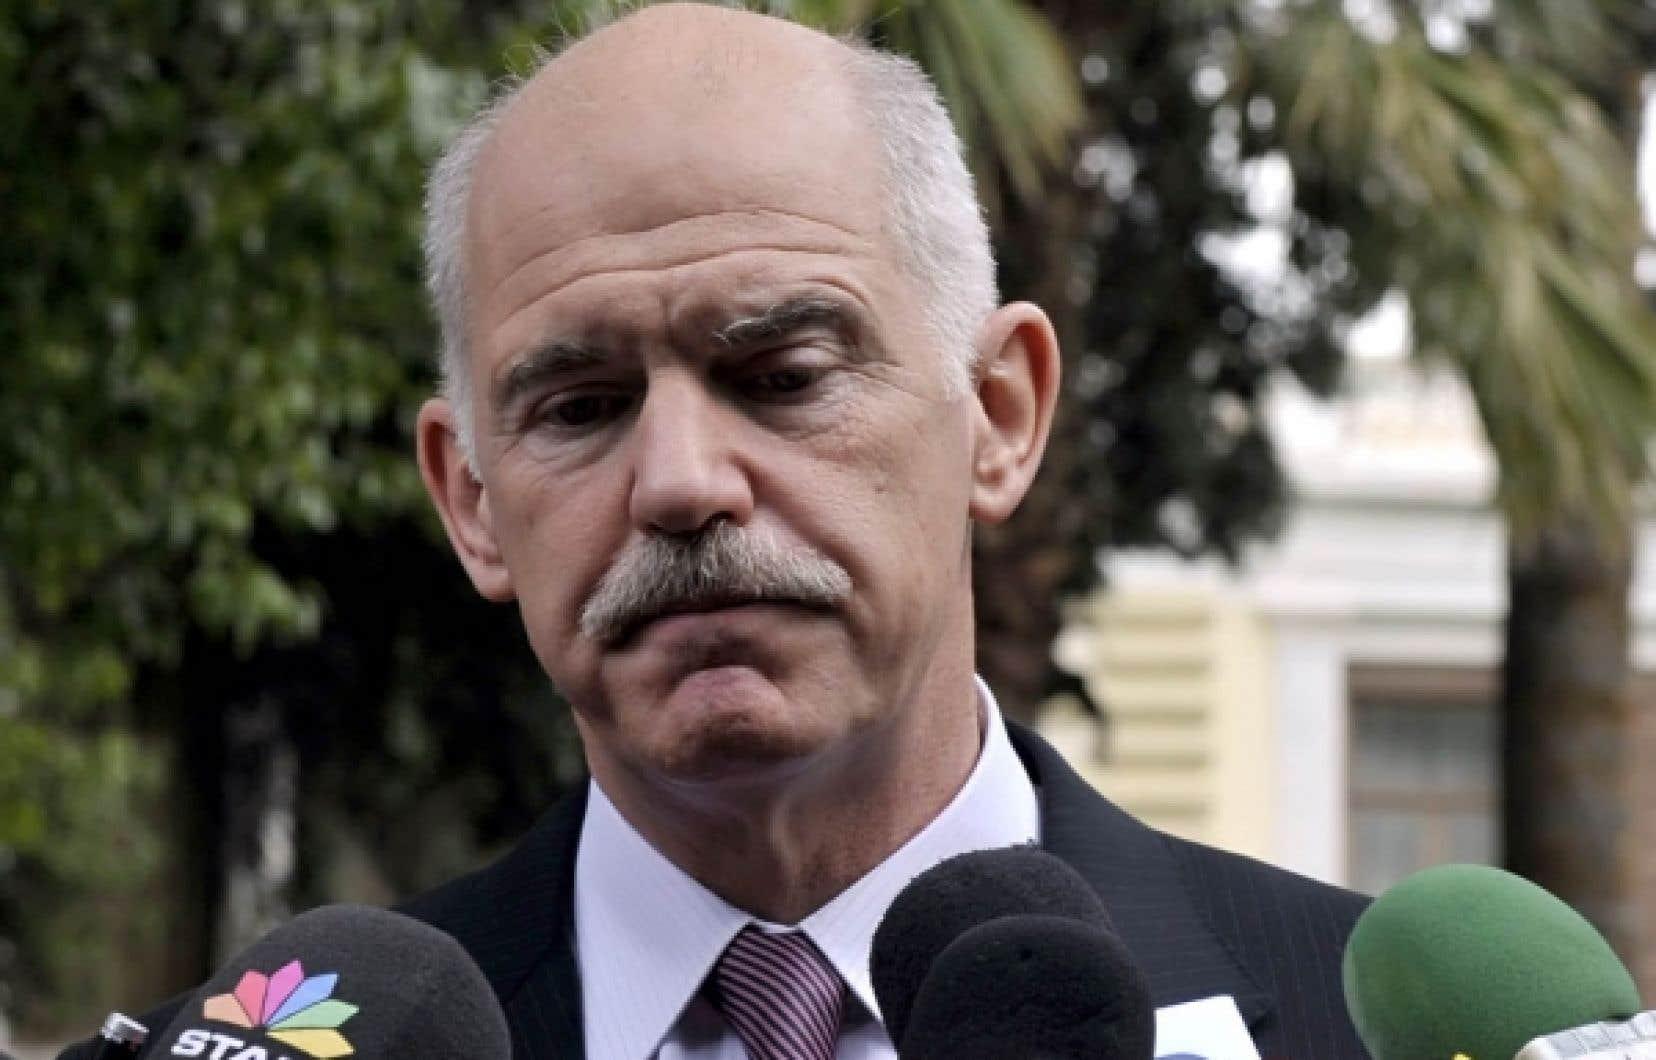 Les Européens ont unanimement salué les nouvelles mesures adoptées hier par le premier ministre grec George Papandreou pour économiser 4,8 milliards d'euros et tenir son objectif de réduction du déficit public cette année.